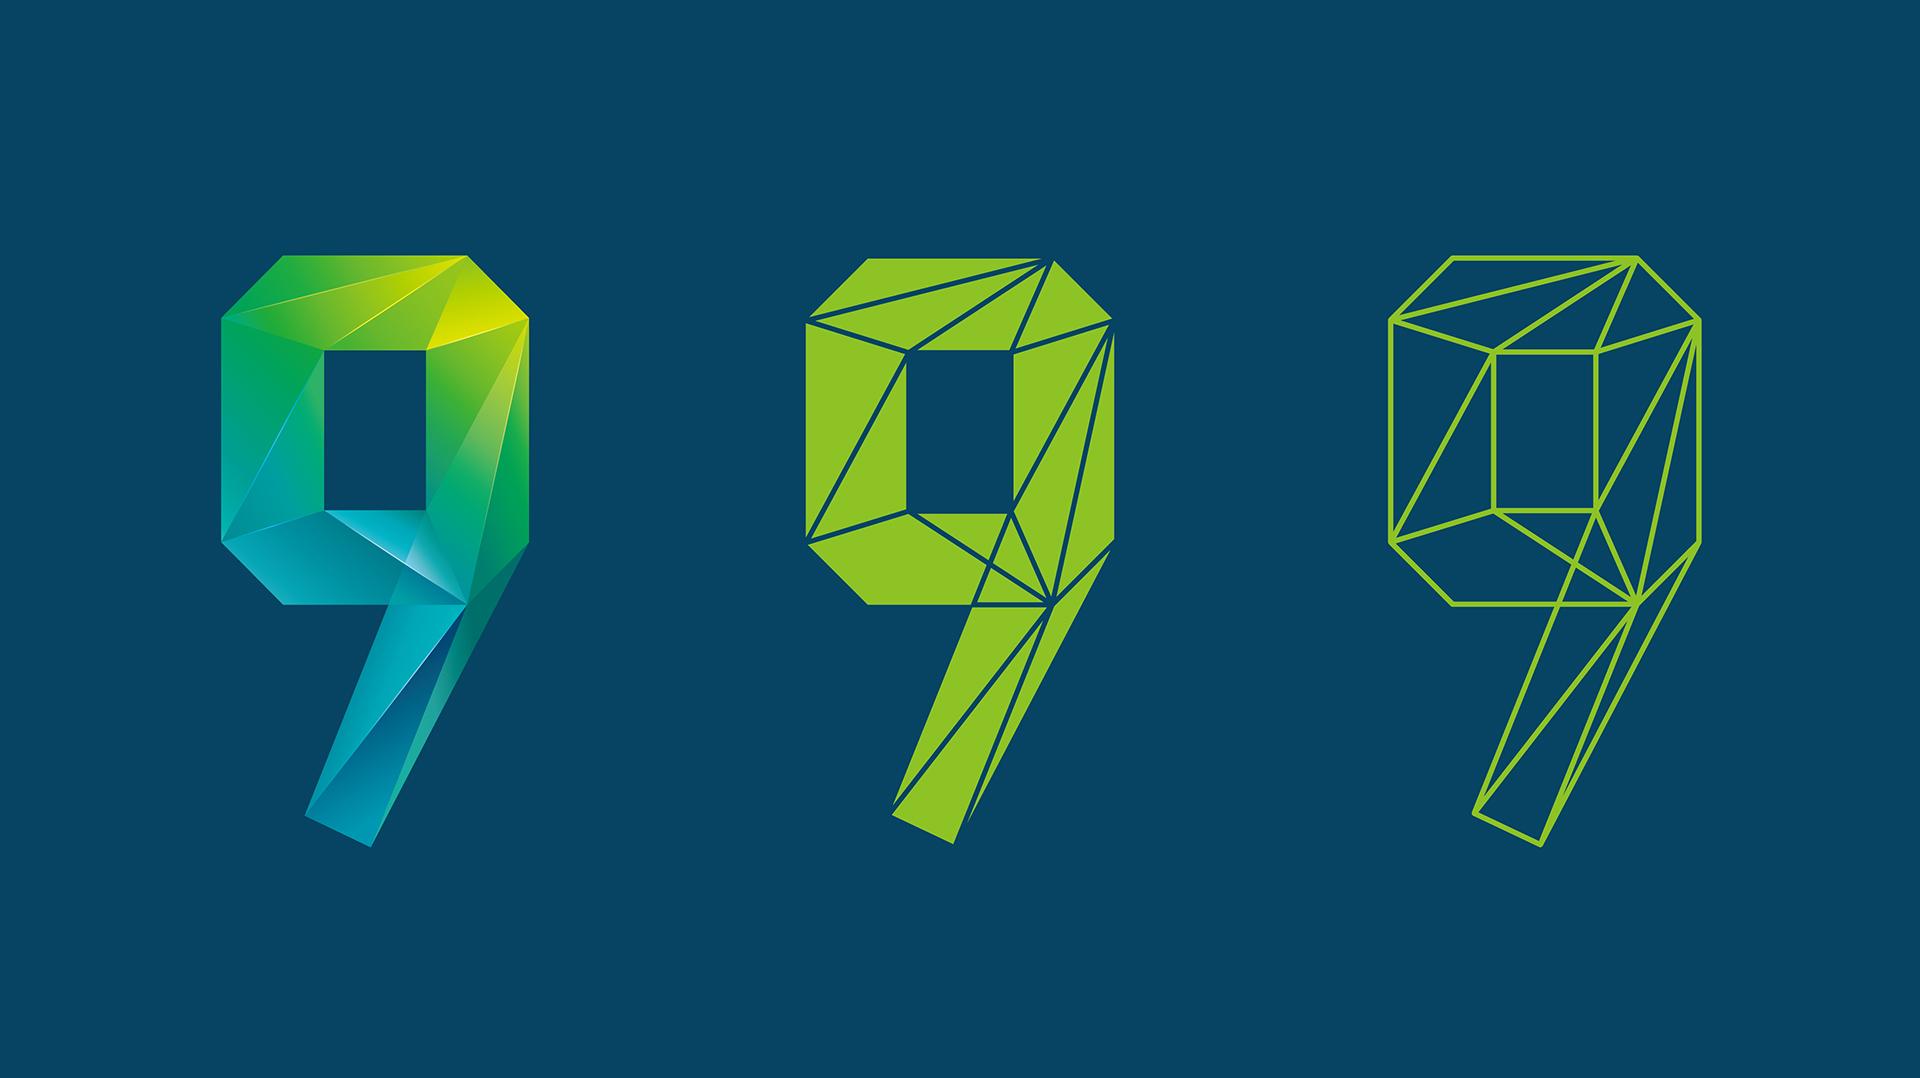 01ninebot-品牌logo基础介绍-纳恩博vi设计